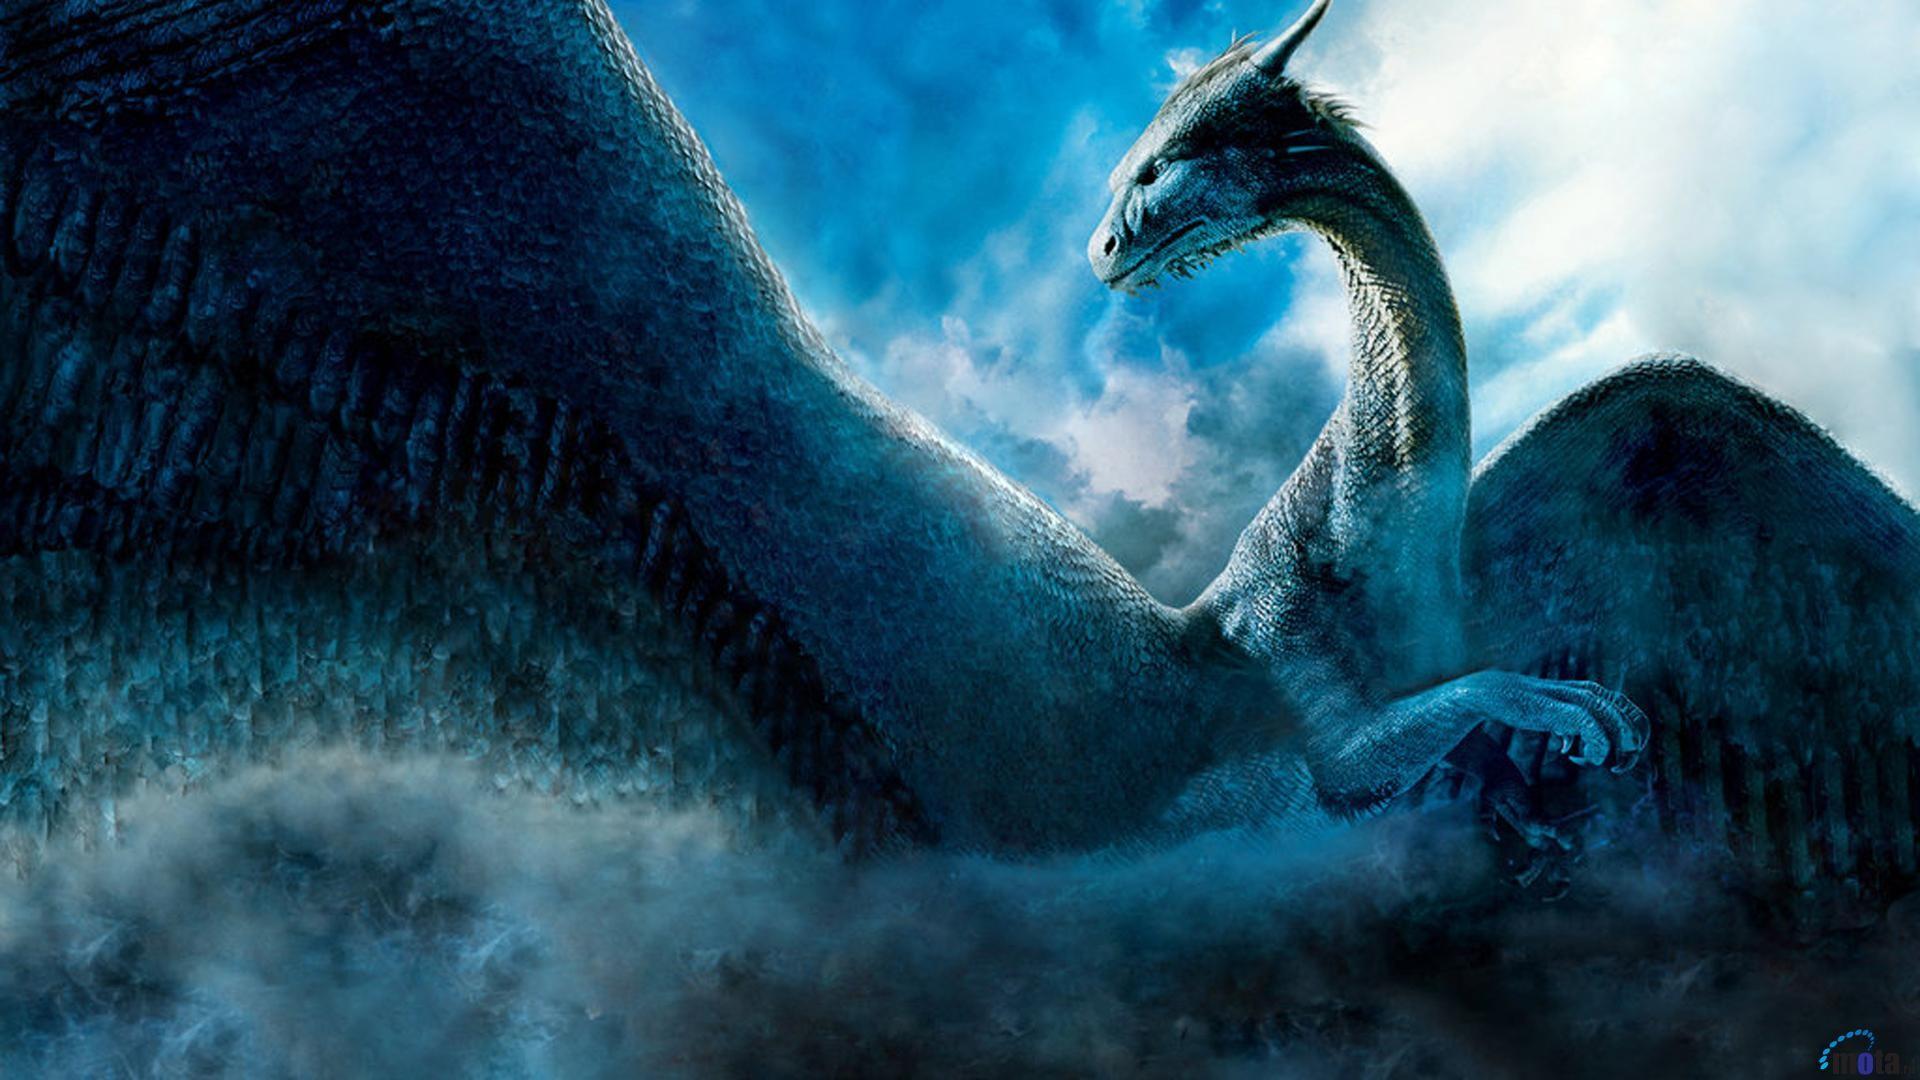 0 Dragon Hd Wallpapers Dragon Wallpaper 1080p